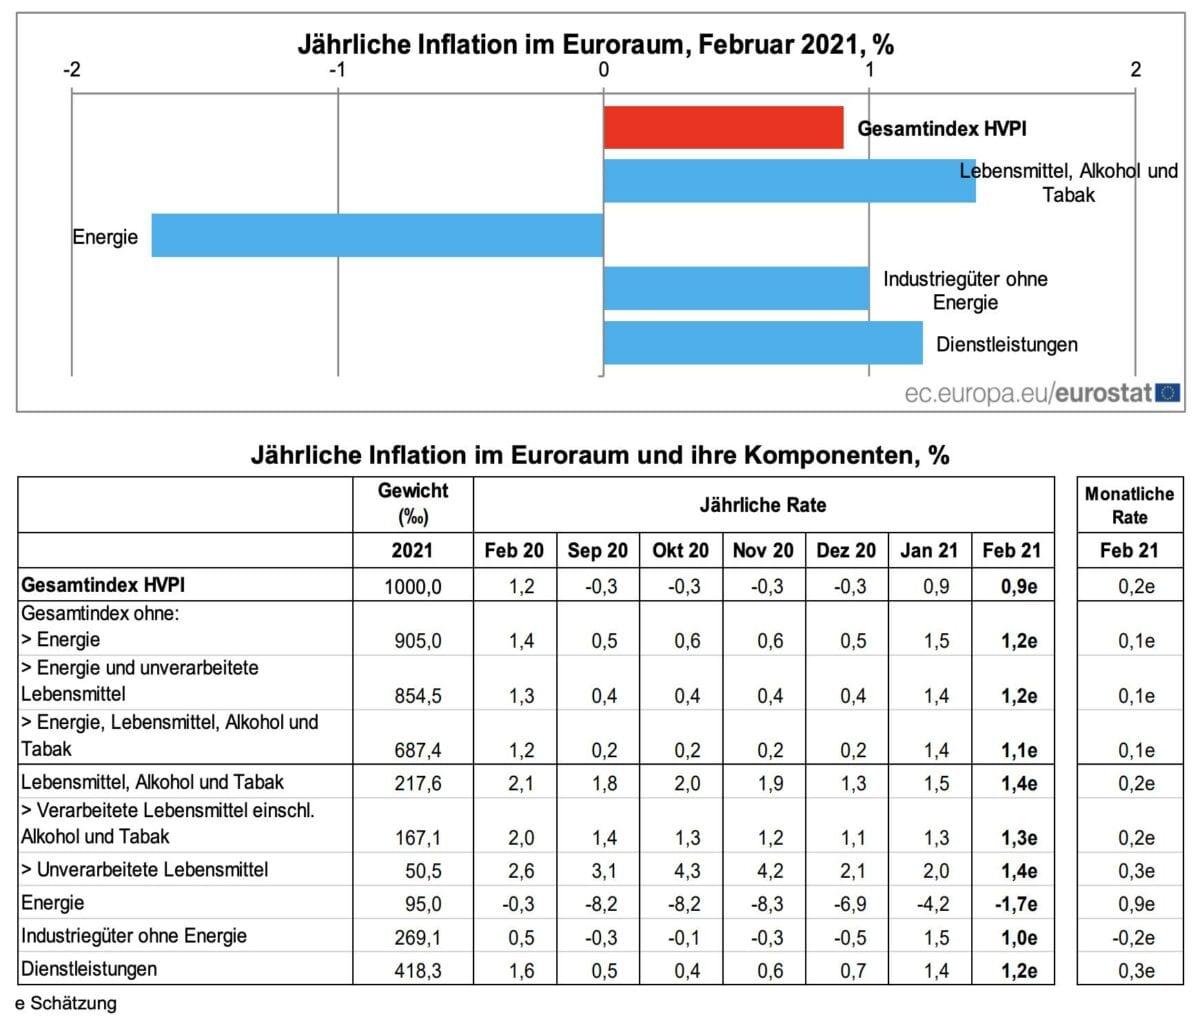 Grafik zeigt Details der Verbraucherpreise im Februar